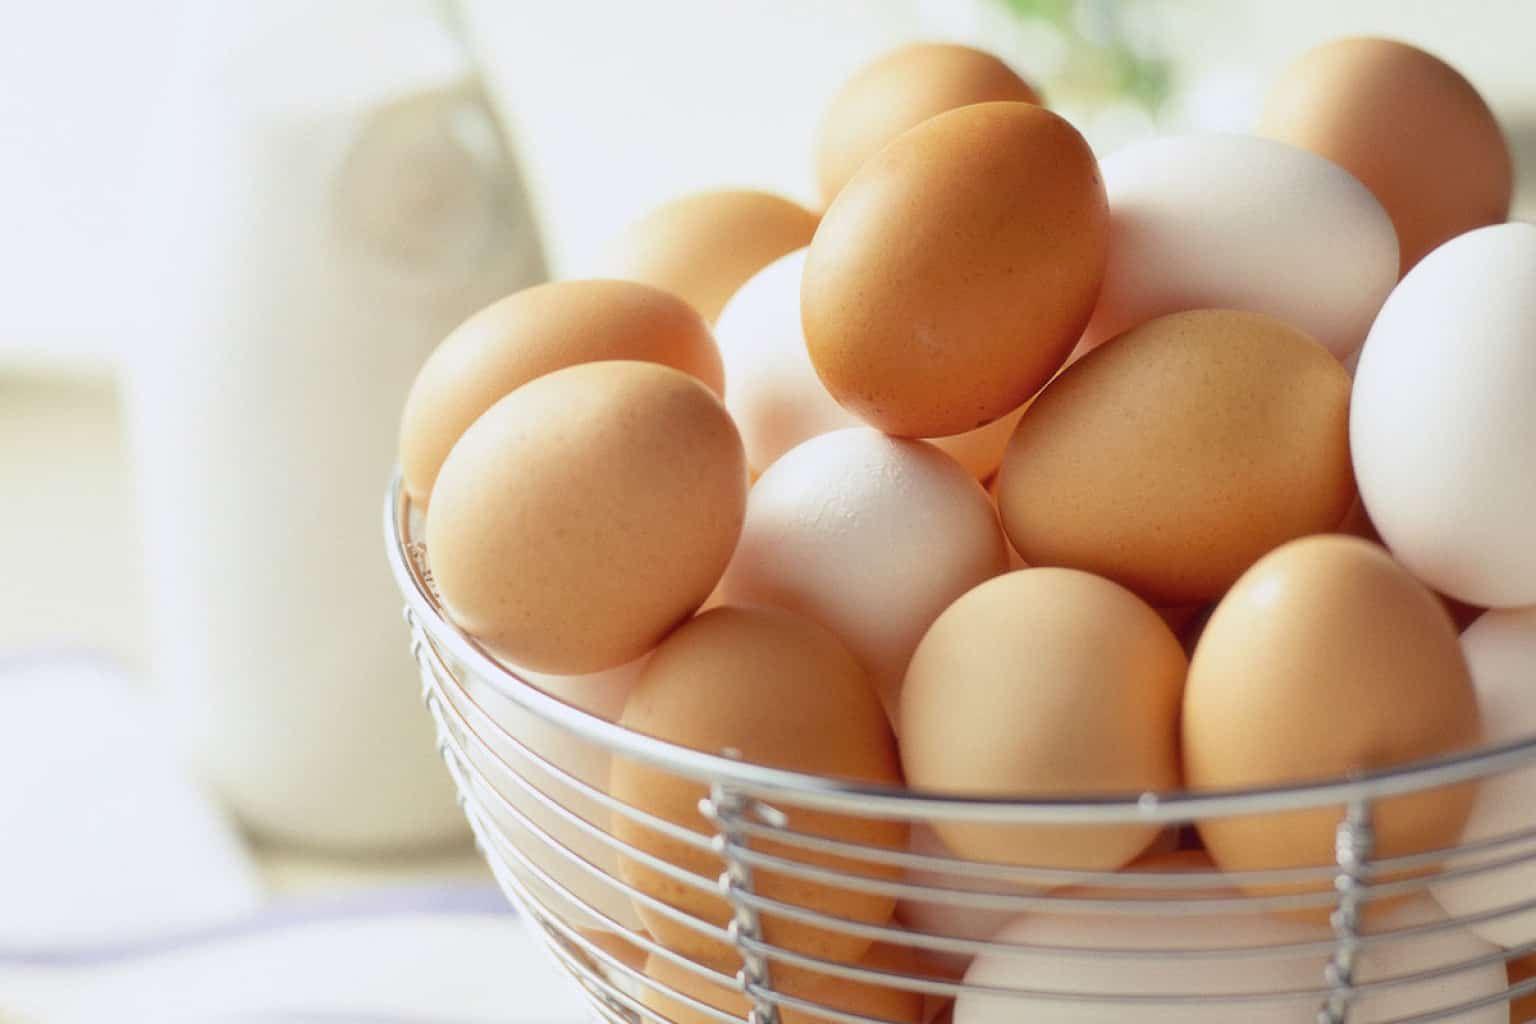 الدلالات الصحيحة لتفسير رؤية البيضة في المنام موقع مصري In 2021 Food Eat Food Top Healthy Foods